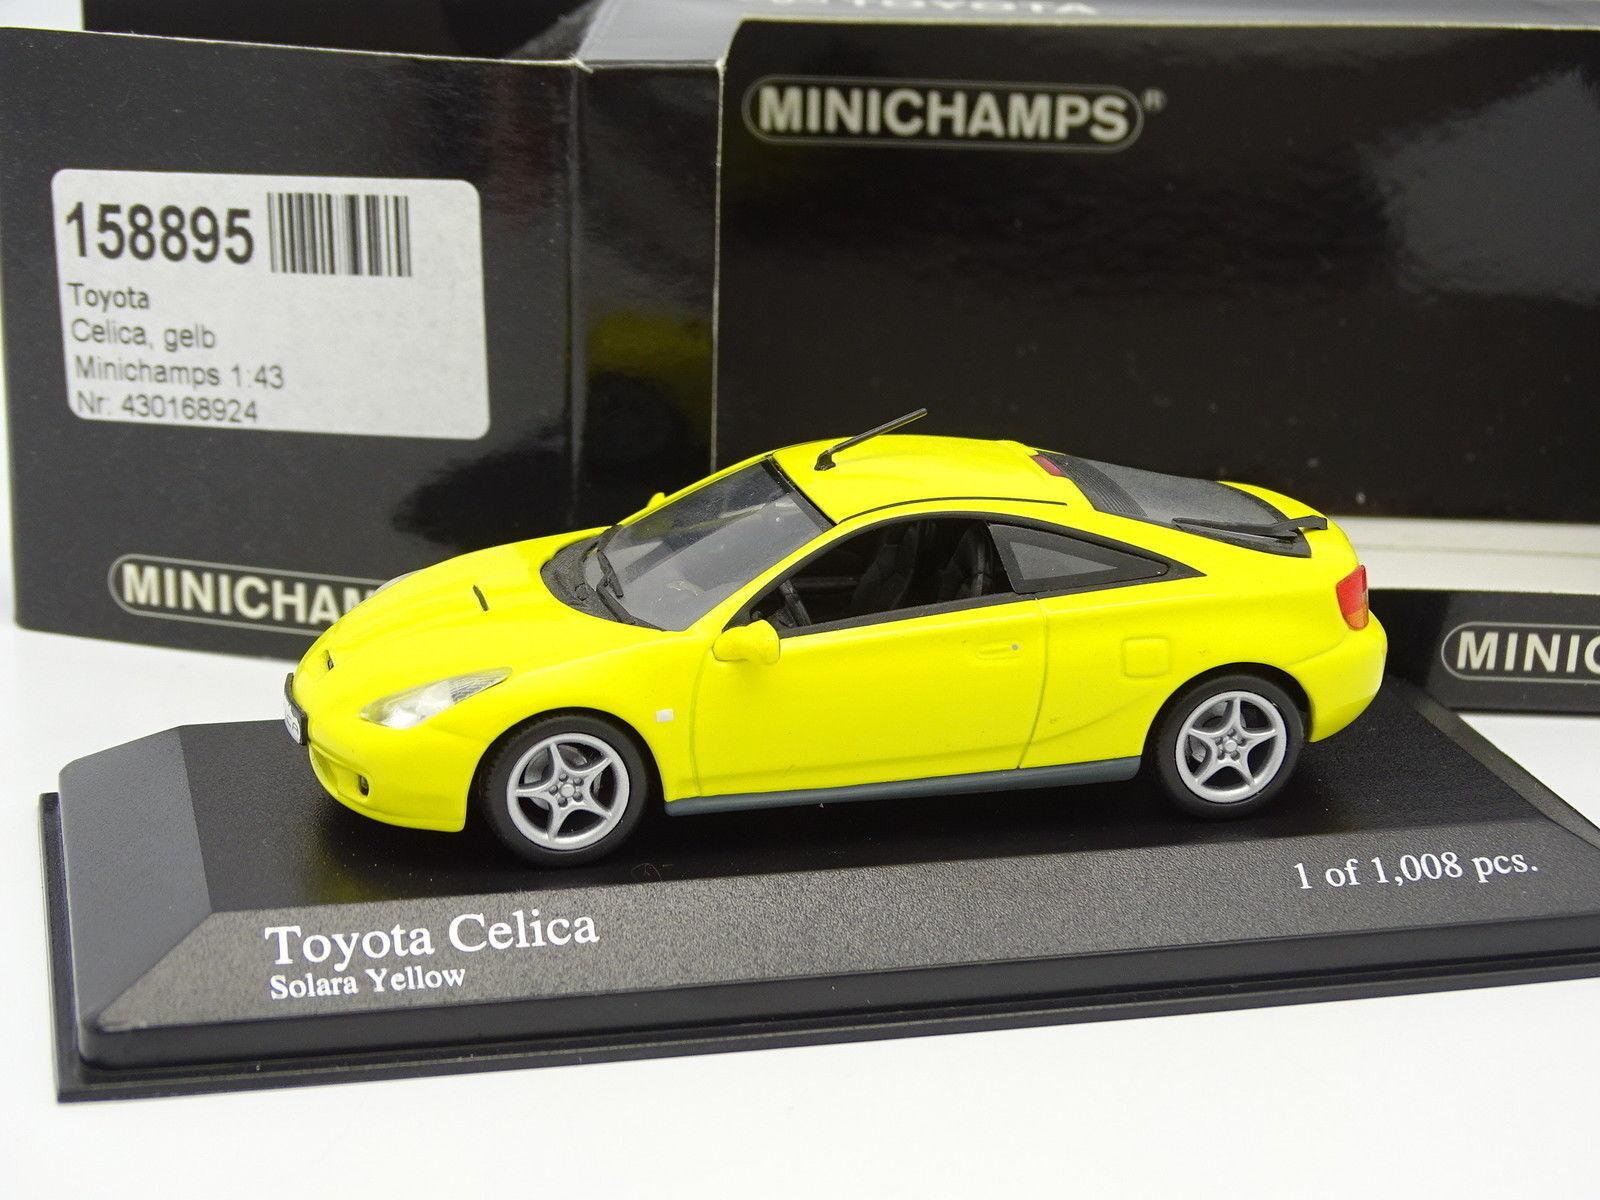 Sconto del 70% a buon mercato Minichamps 1 1 1 43 - giocattoloota Celica Gituttia  prezzi più bassi